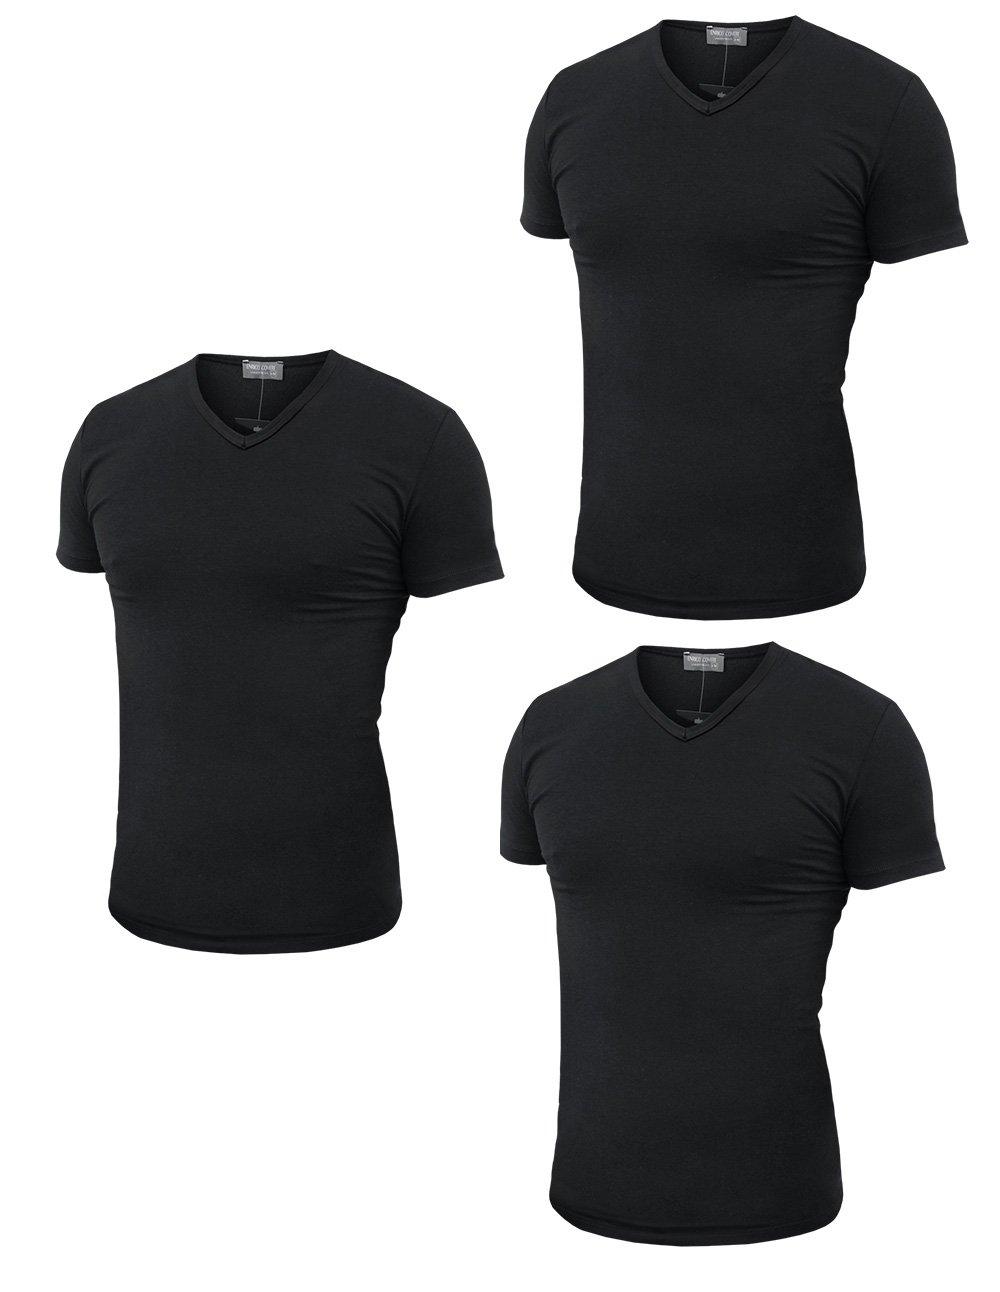 3 t-shirt uomo mezza manica scollo a V in cotone pettinato ENRICO COVERI art. ET1101